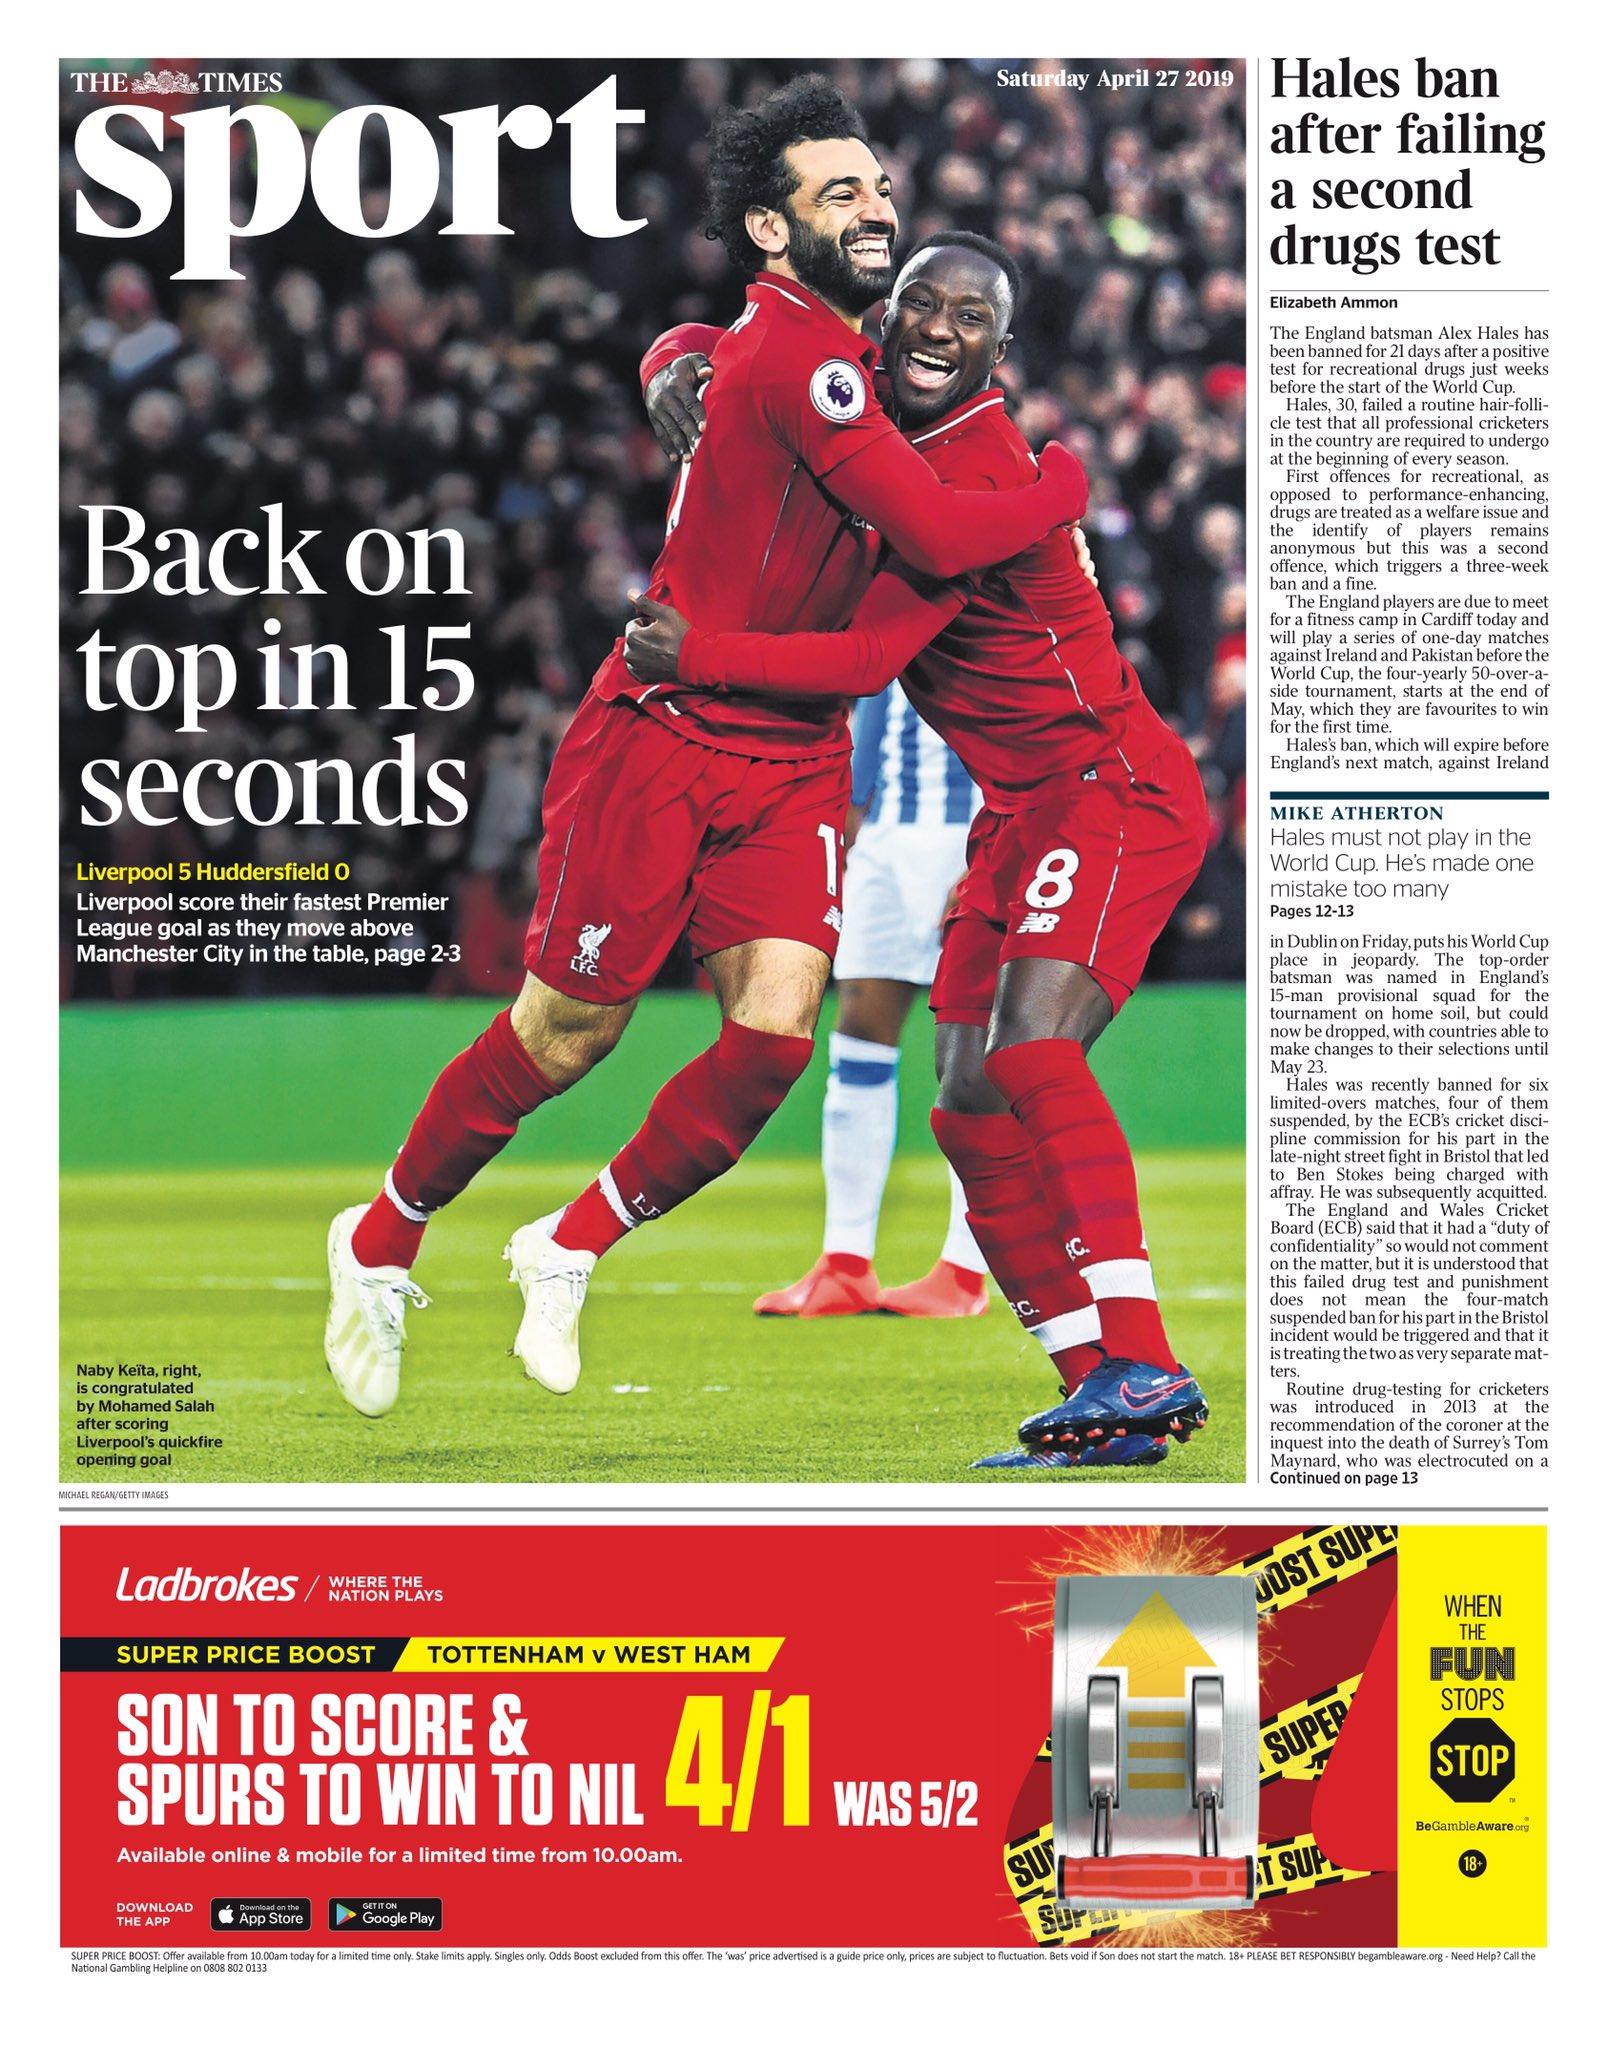 غلاف صحيفة التايمز